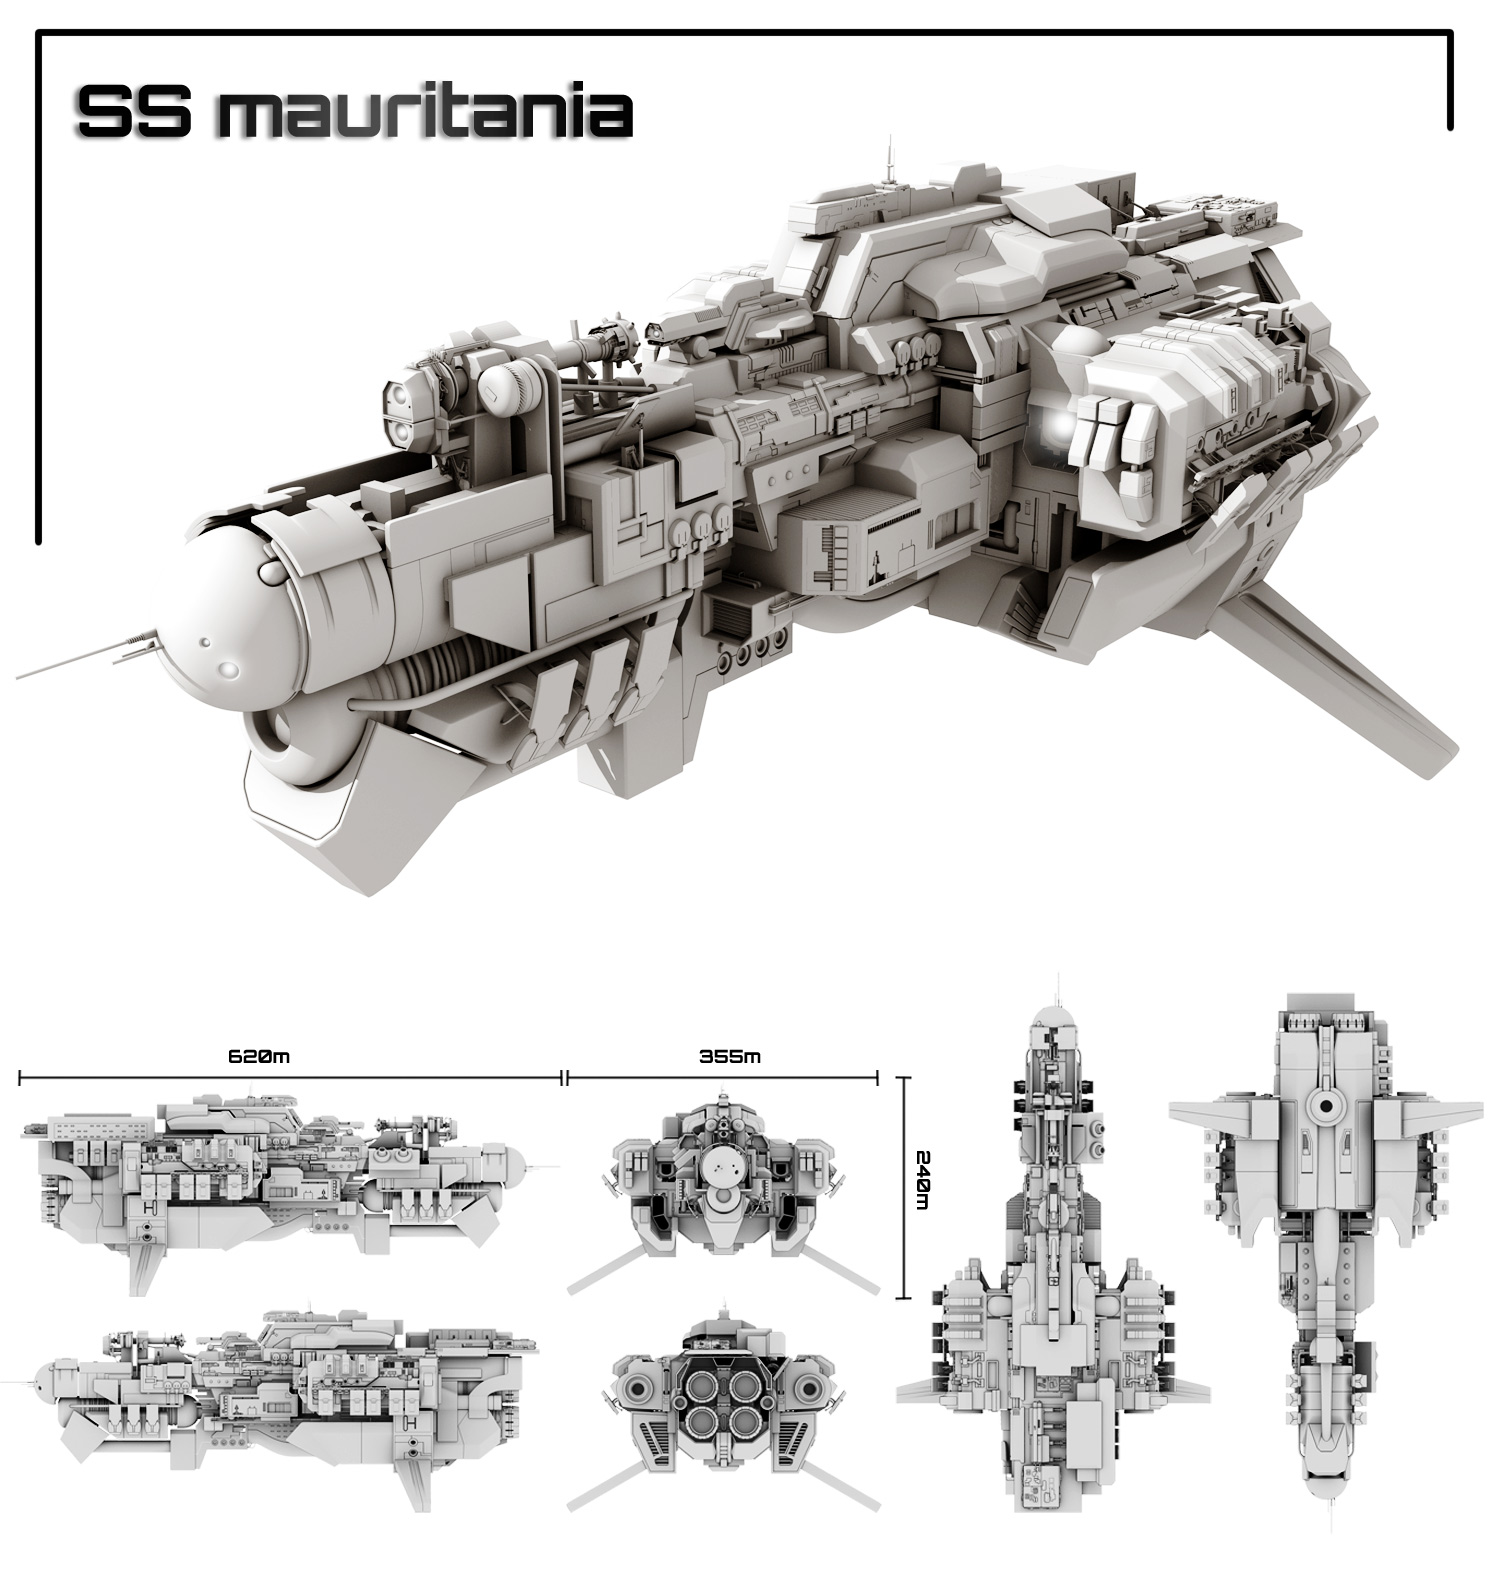 SS mauritania by Tarik2d